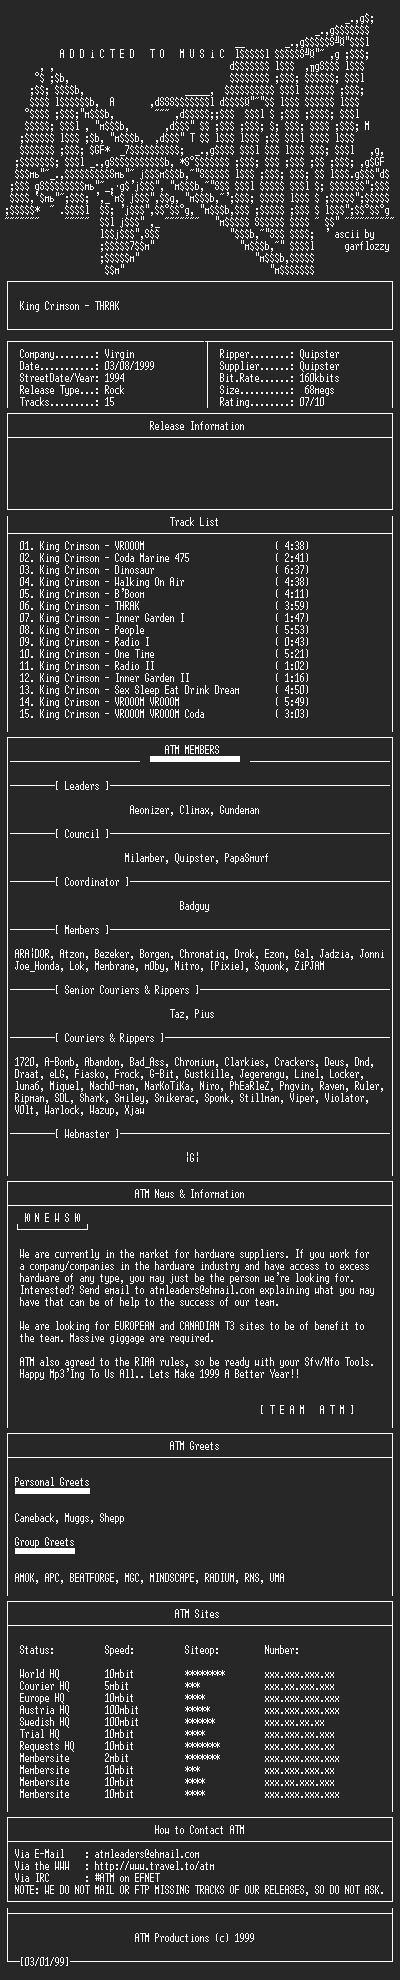 NFO file for King_Crimson_-_THRAK_-_(1994)-ATM